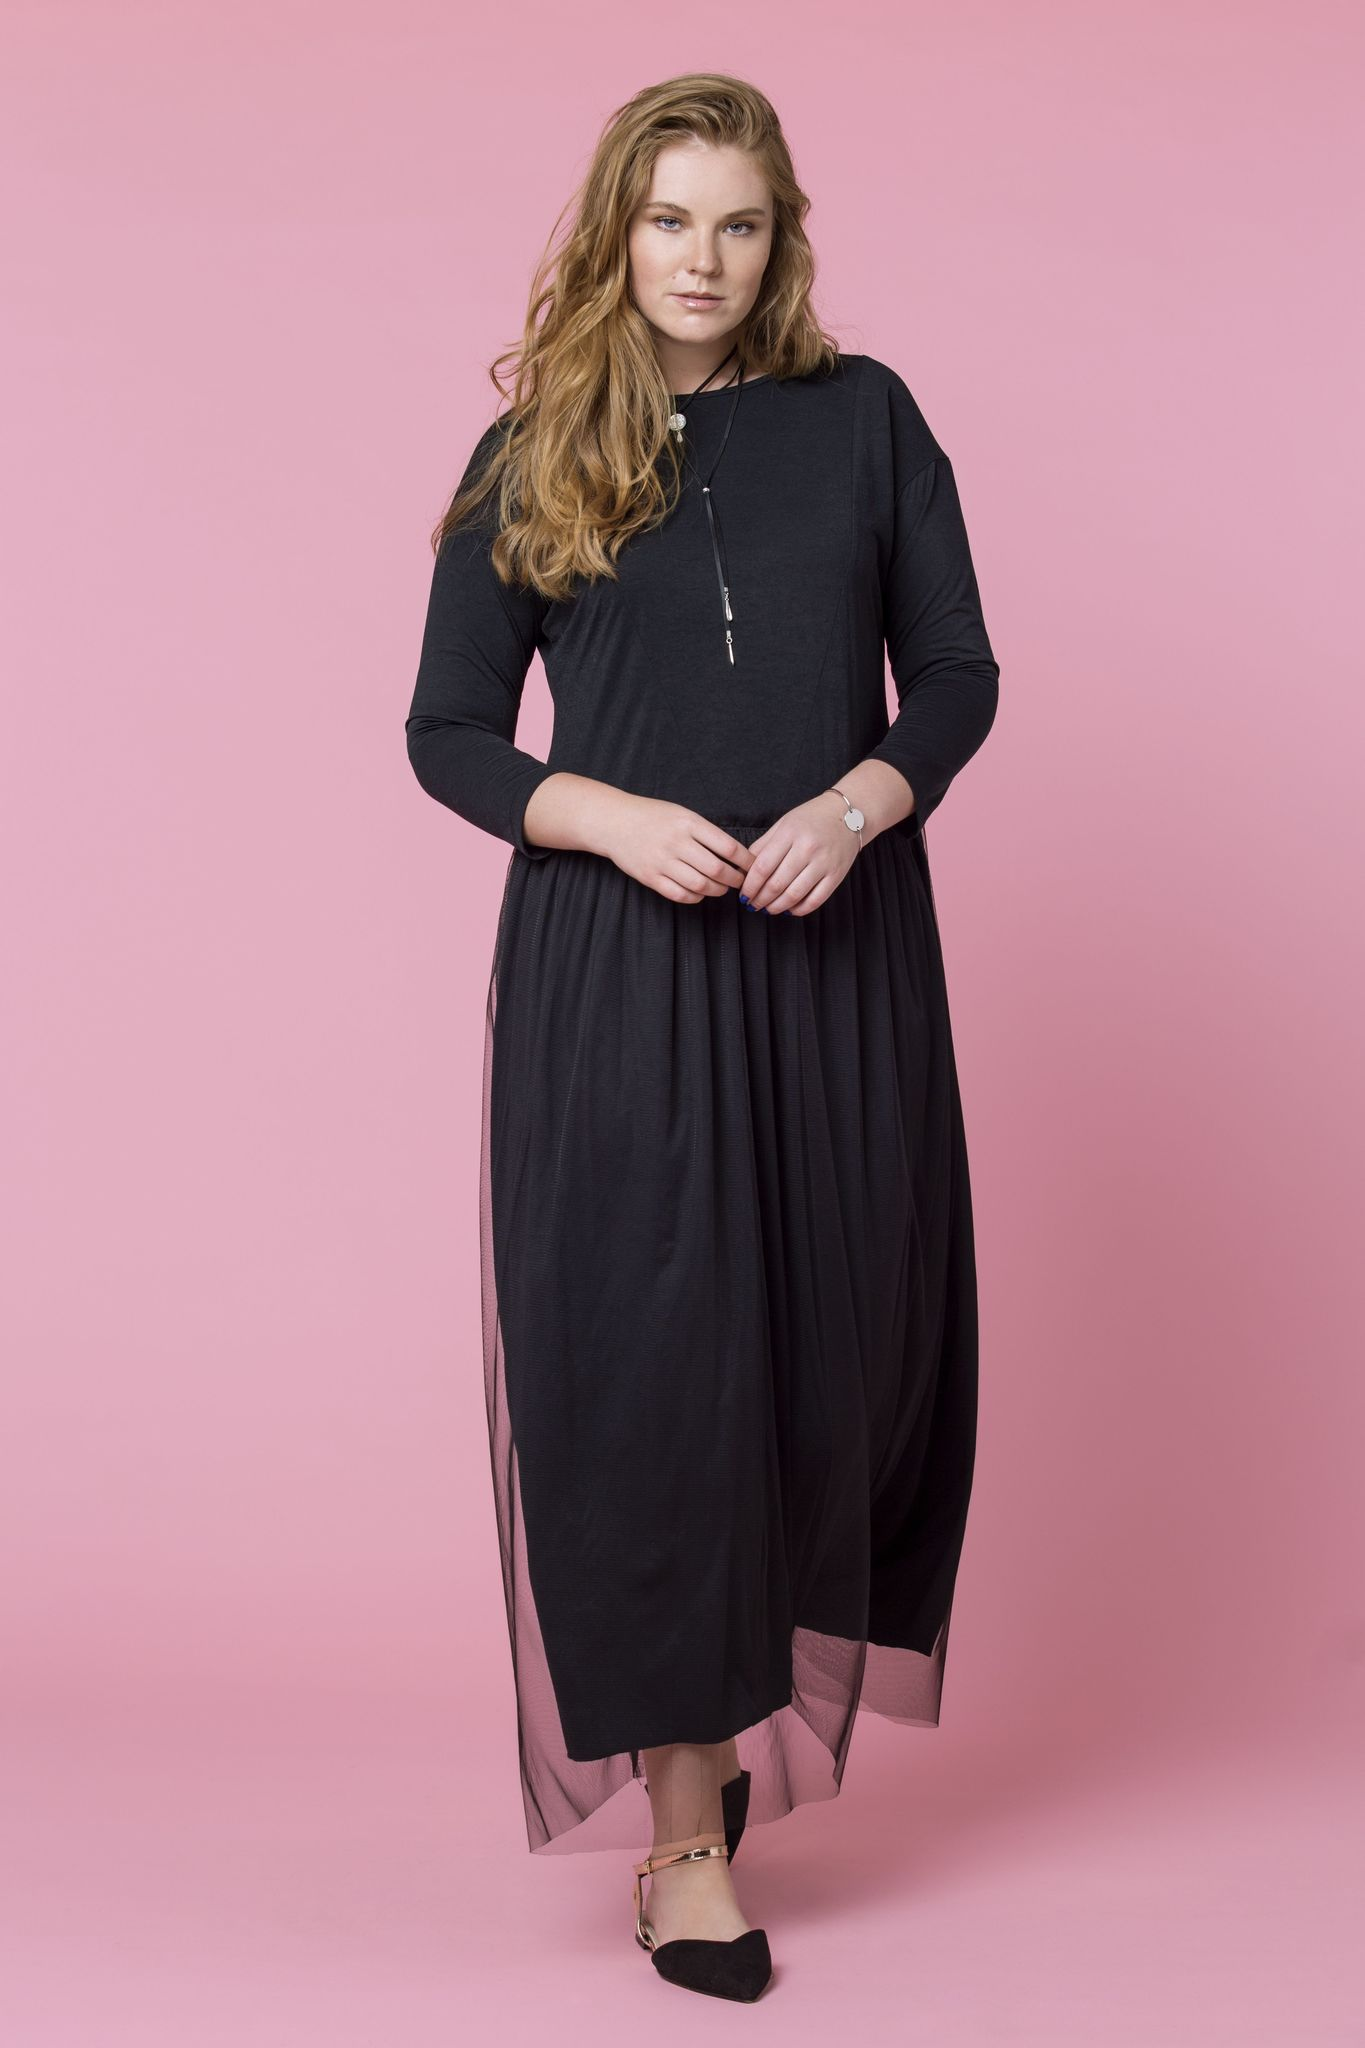 Платье NY D9 DM01Платья<br>Эксклюзивное струящееся платье с накладкой из легкого фатина. Прекрасно подойдет для создания праздничного образа.<br>